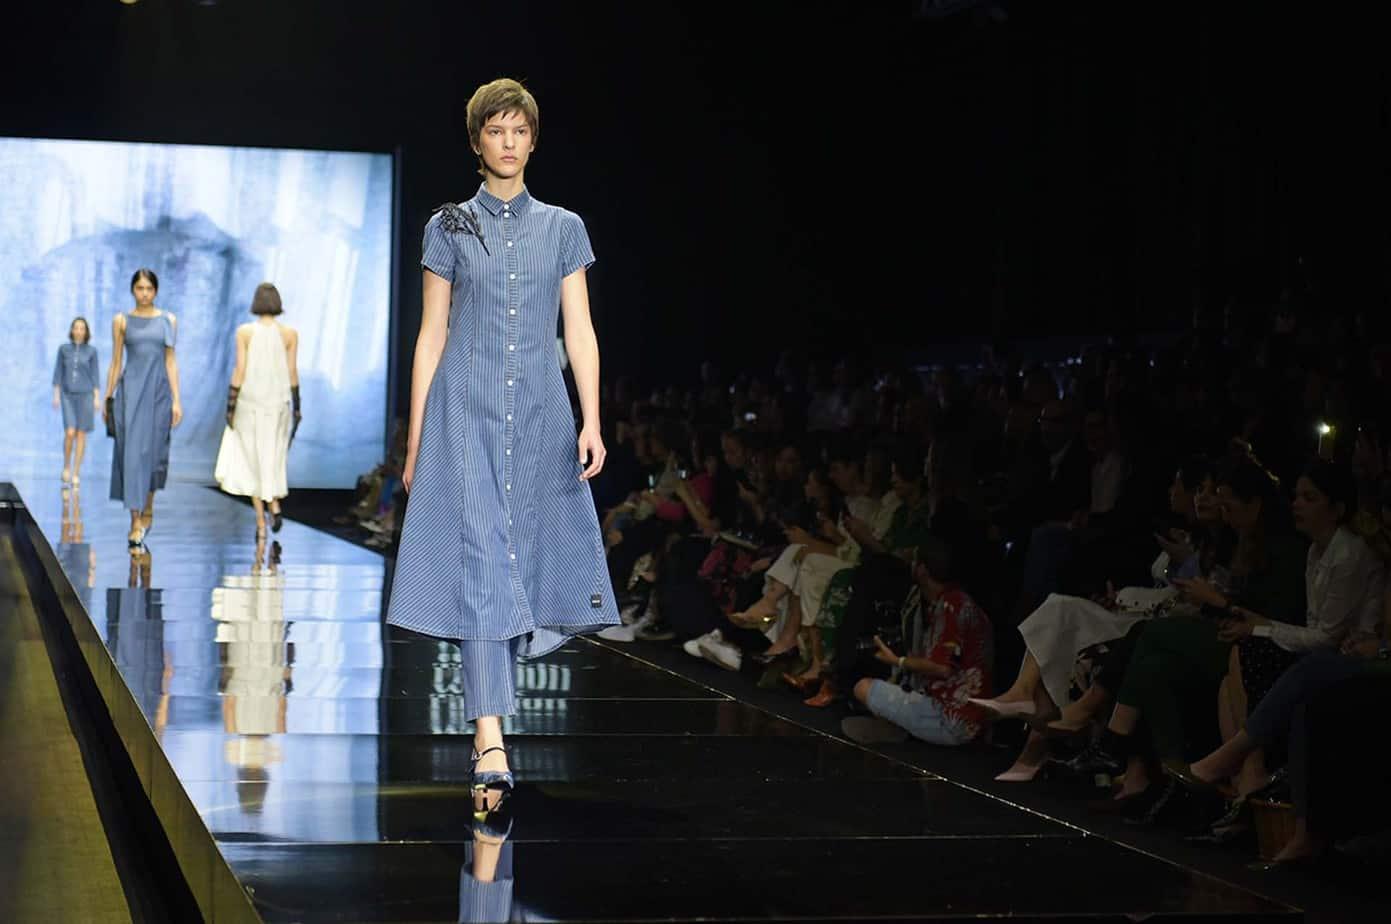 דורין פרנקפורט. שבוע האופנה תל אביב 2019. צילום סרג'ו סטרודובצב - 9